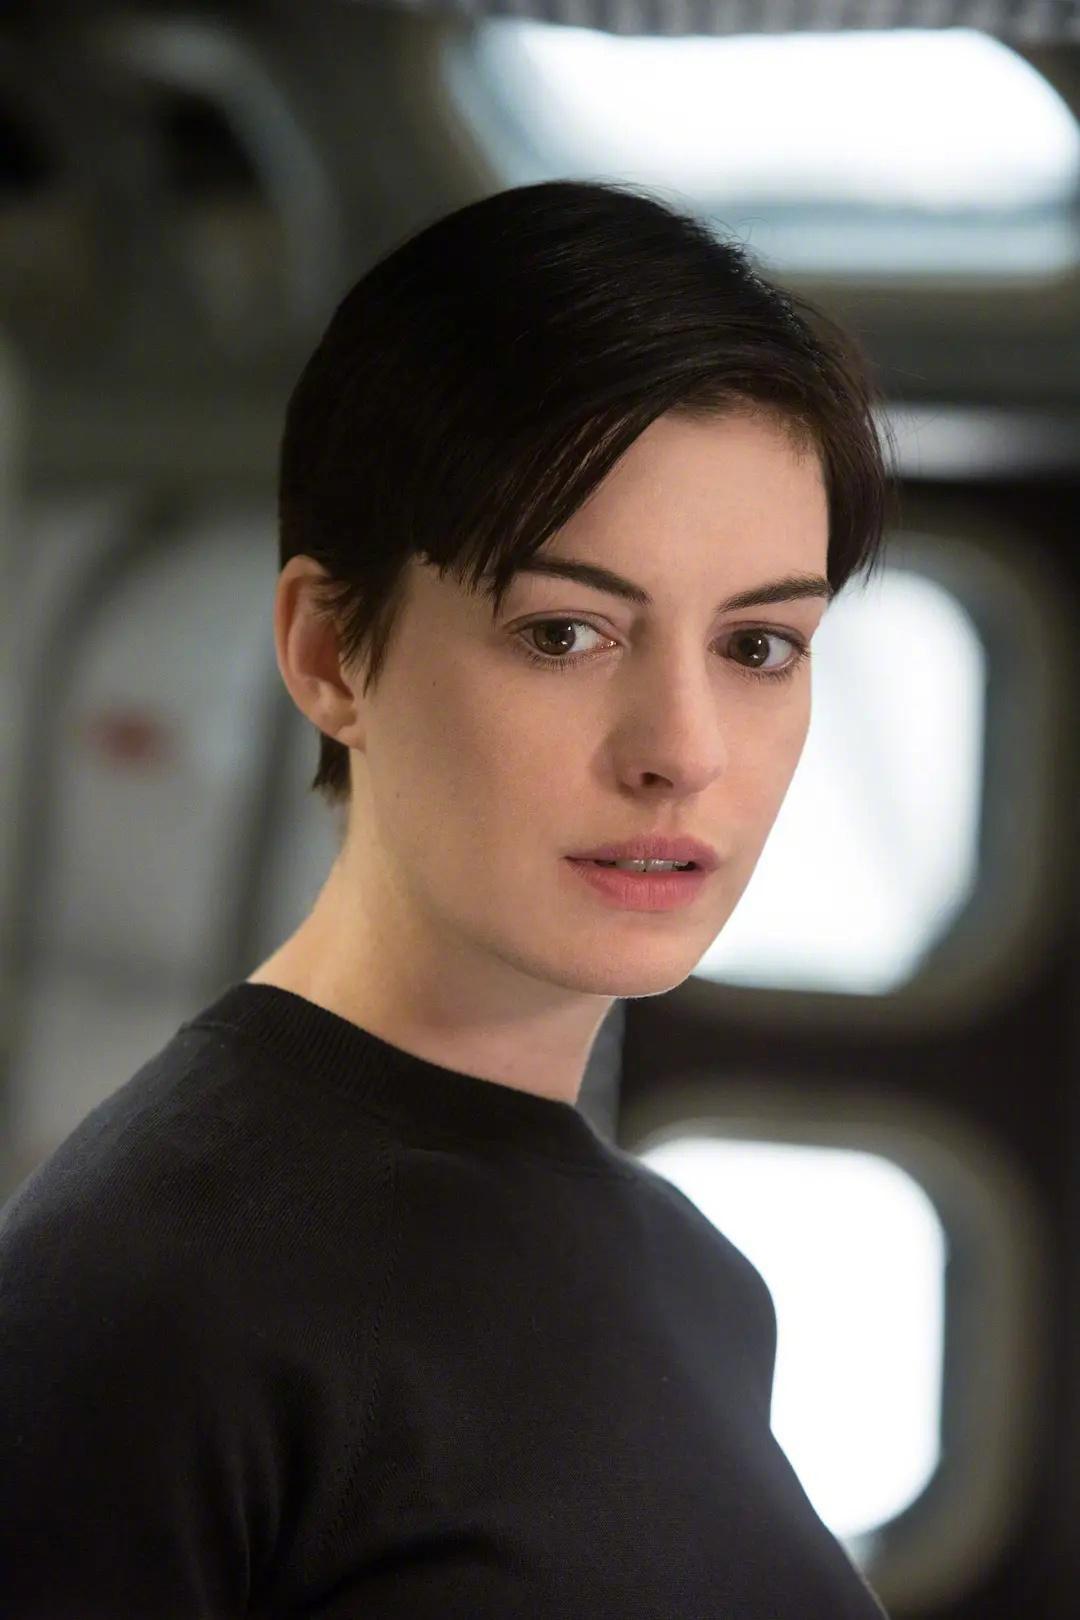 马修麦康纳和安妮海瑟薇主演的《星际穿越》将于8月2日重映……